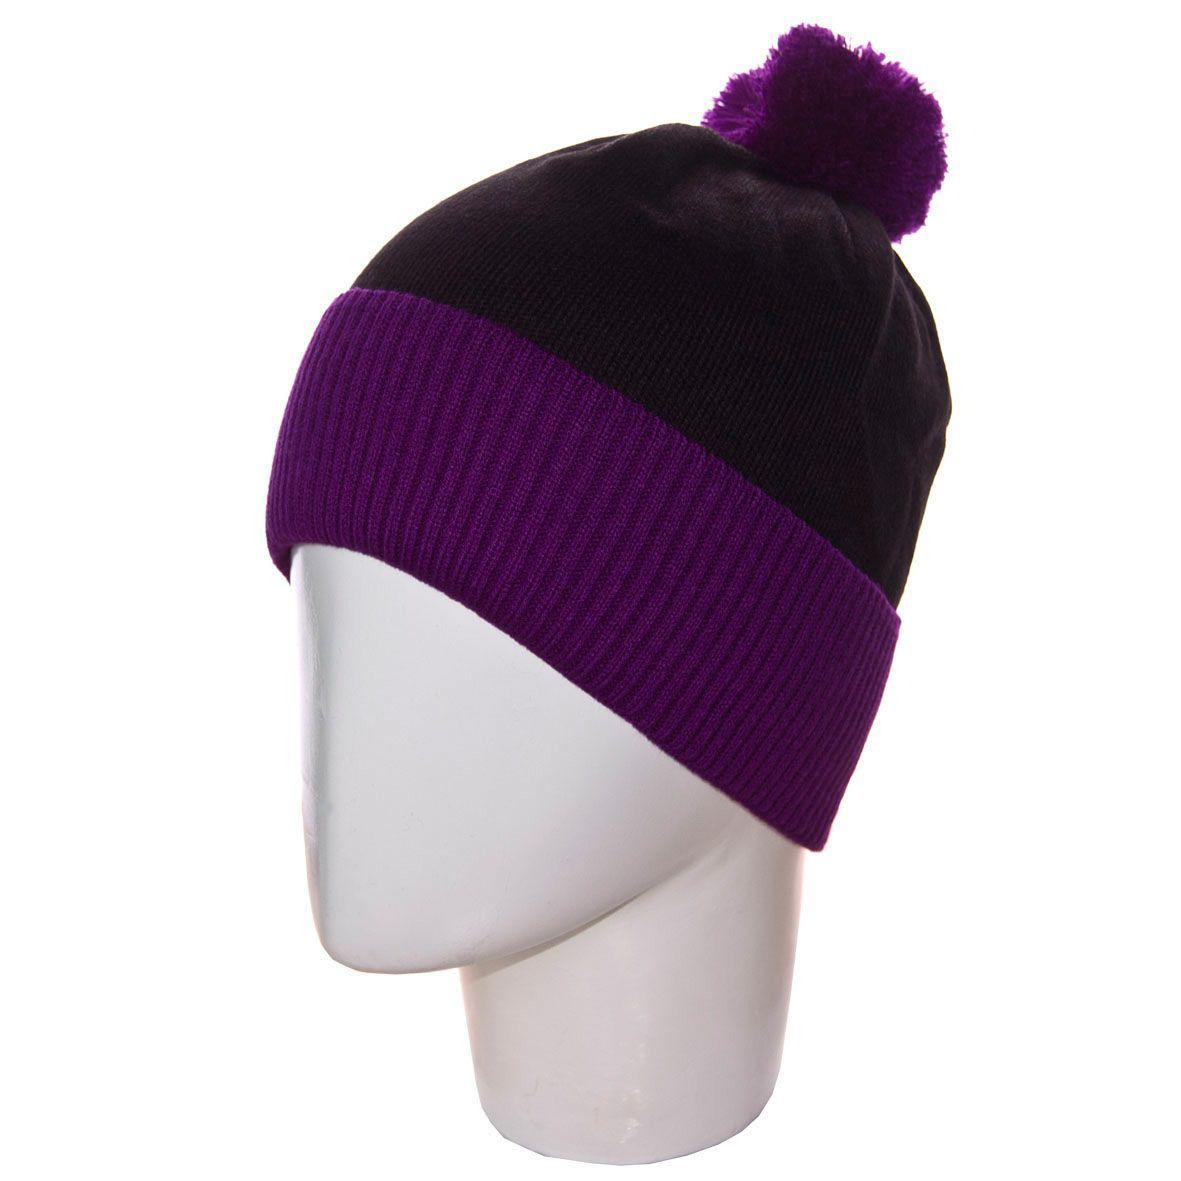 мужская вязаная шапка с ниточным помпоном на флисе 13117 фиолетовый